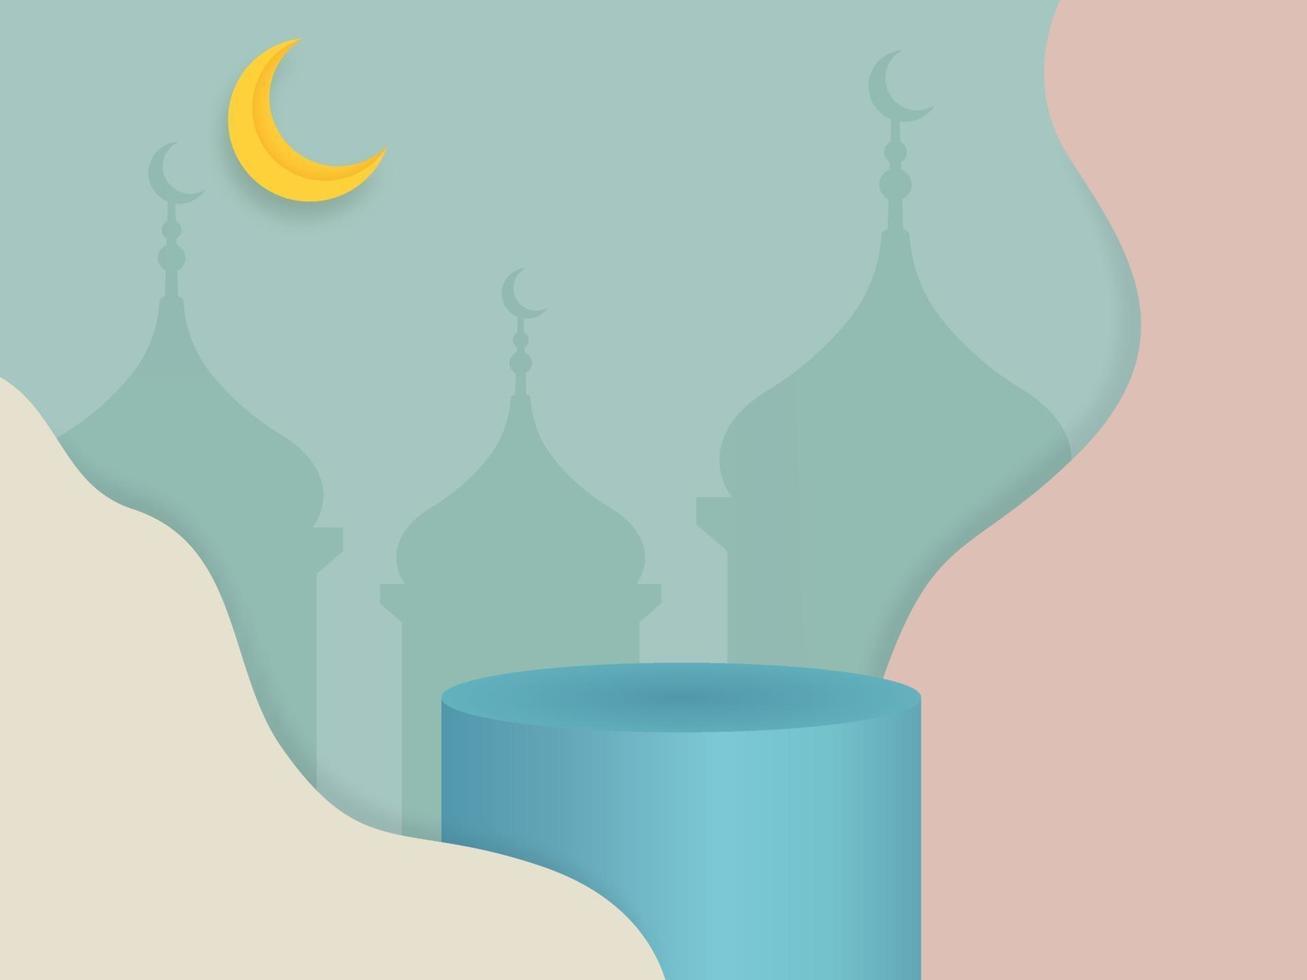 3D-Vektorpodest für Produktanzeige, Präsentation, Bühne, islamische minimale Zylinderplattform im Pastellfarbenhintergrund vektor